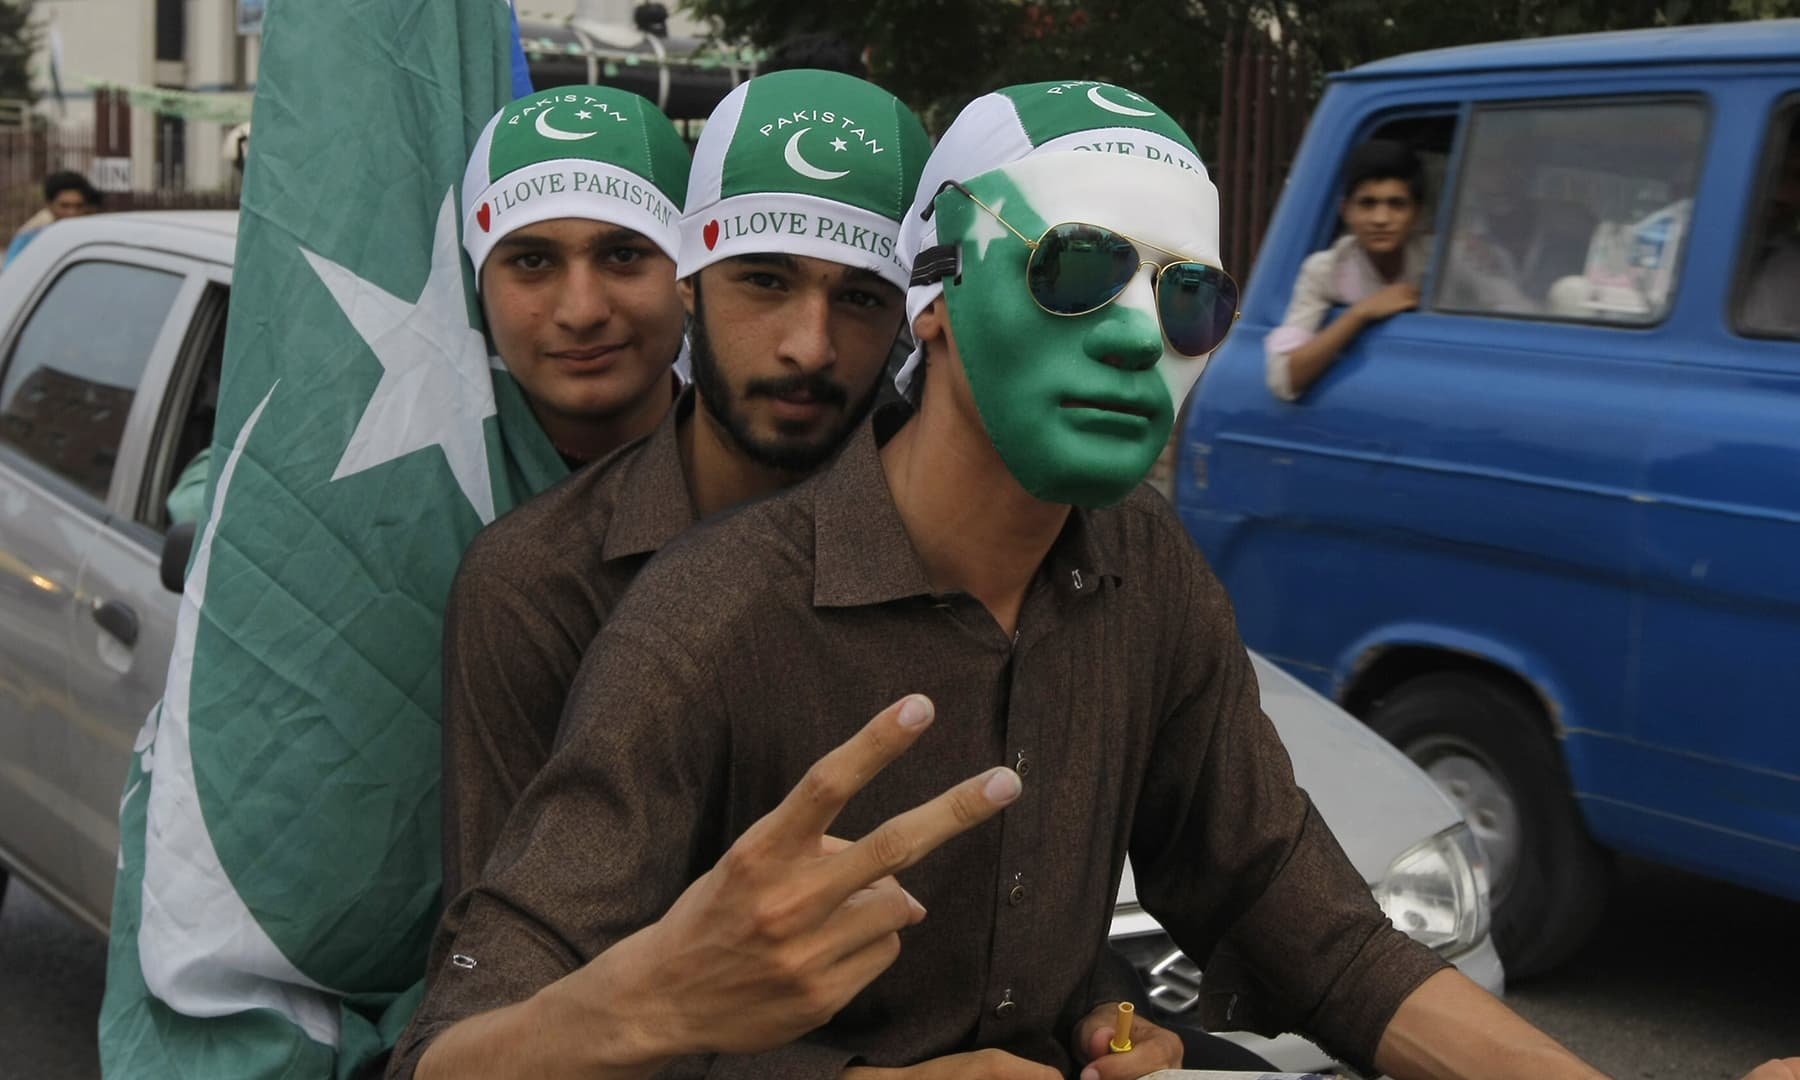 راولپنڈی میں ایک شخص نے پاکستانی جھنڈے کے رنگوں پر مشتمل ماسک پہن رکھا ہے — فوٹو اے پی